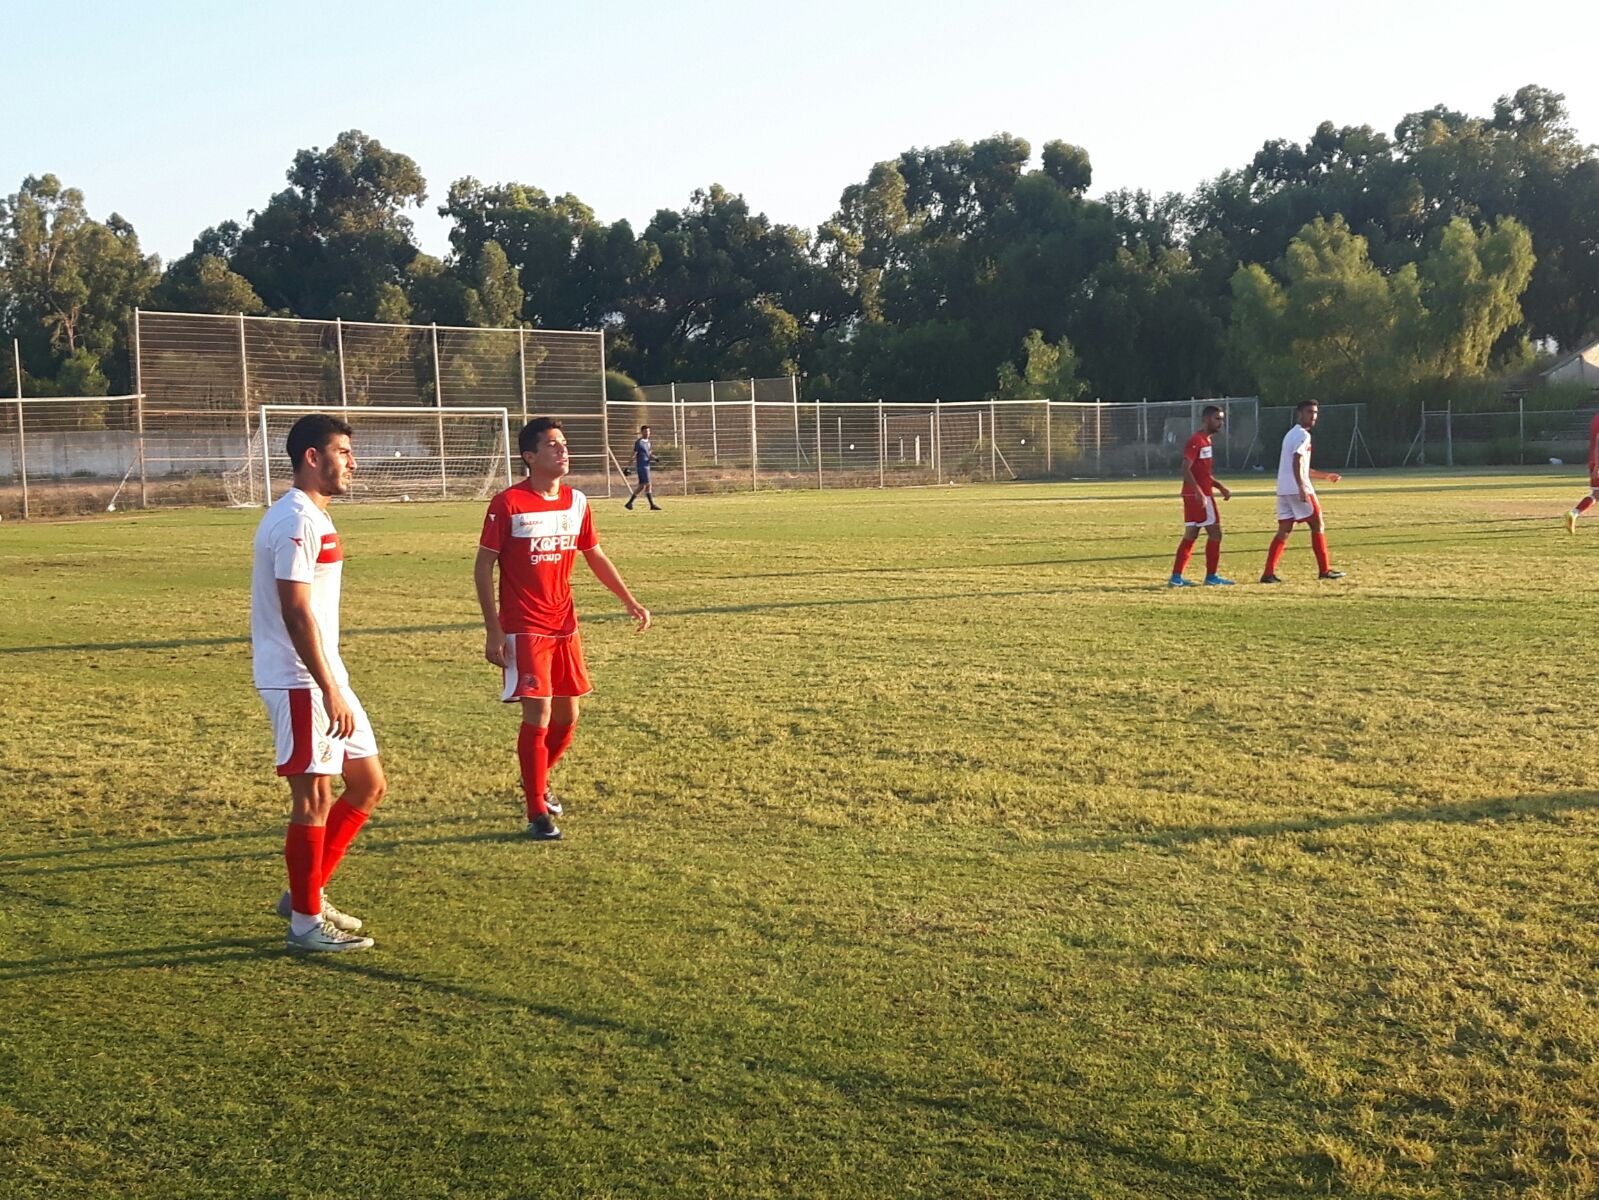 הפועל חיפה גברה במשחק אימון על קבוצת  הנוער בתוצאה 1:6